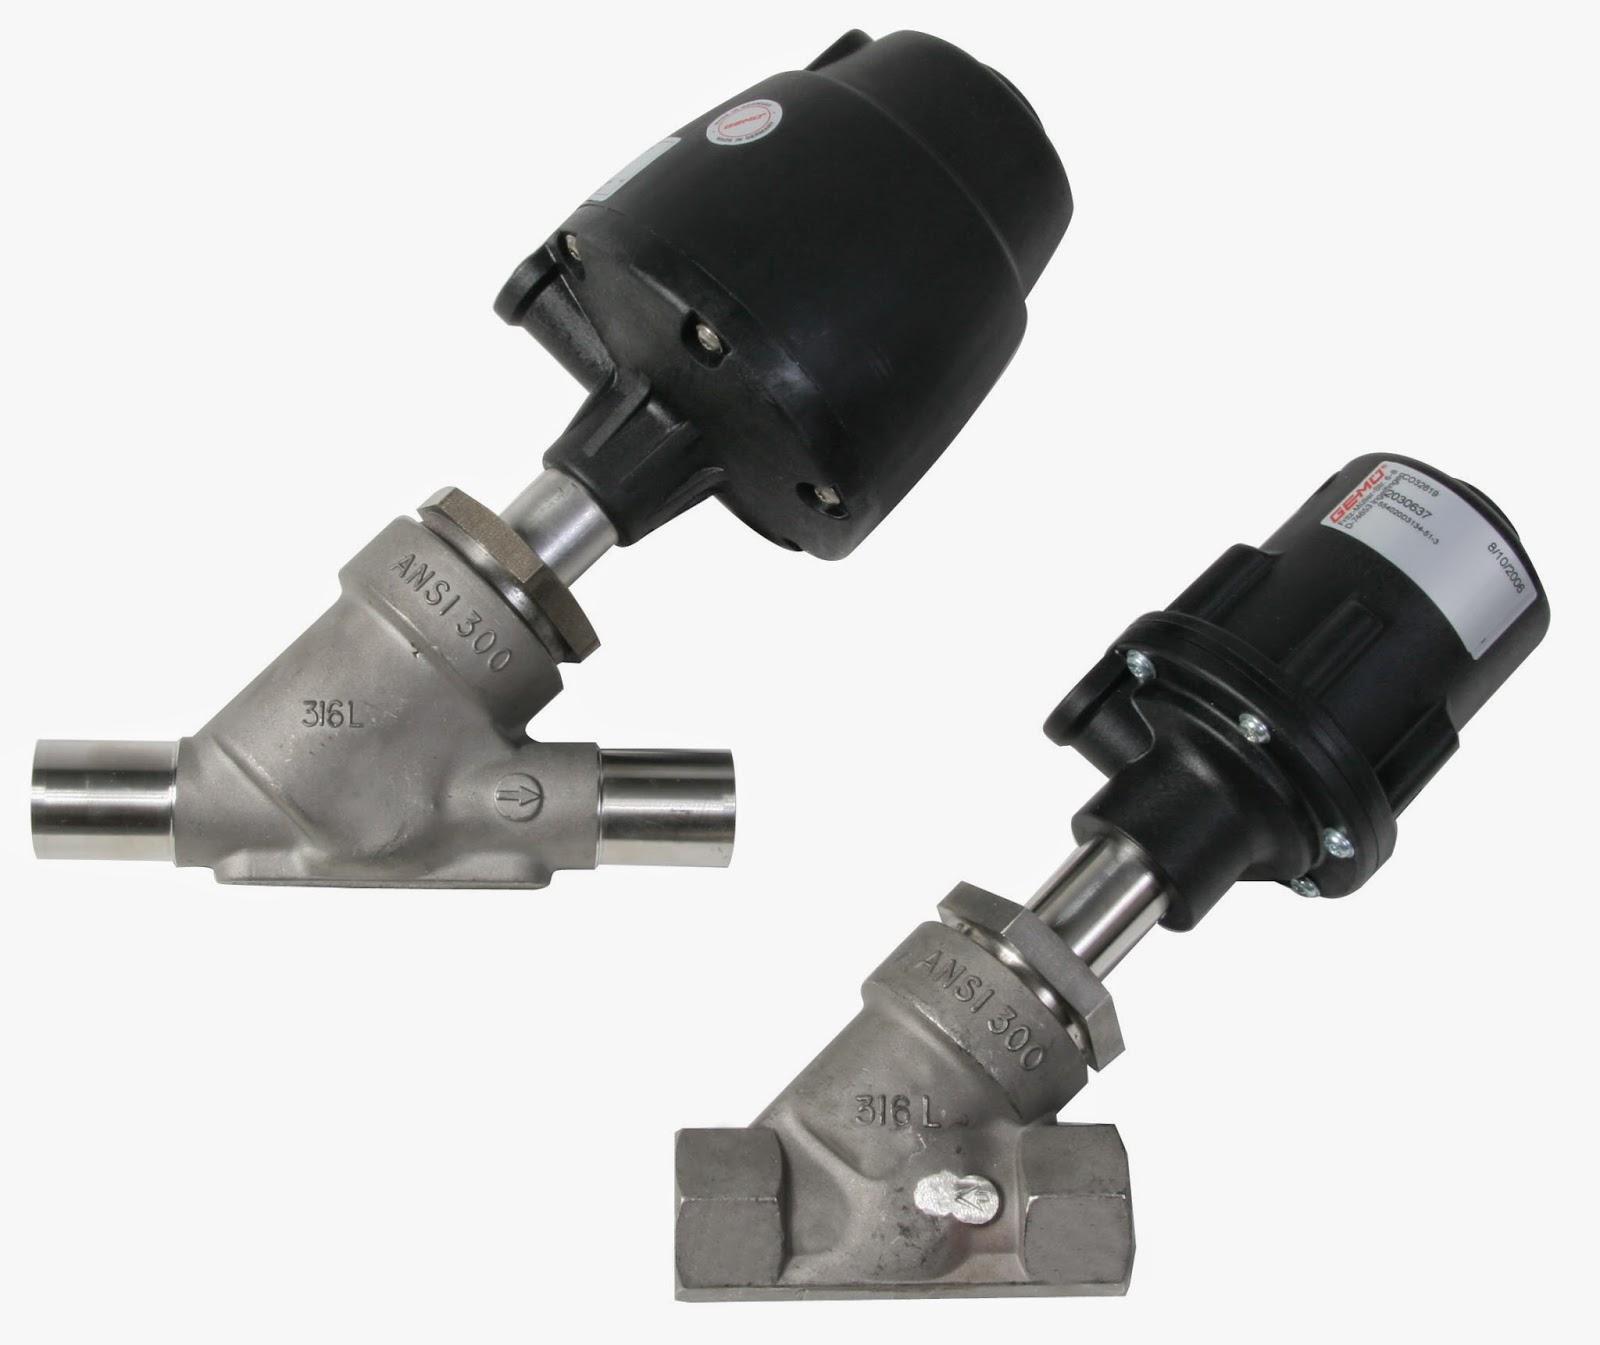 Gemu angle seat valve